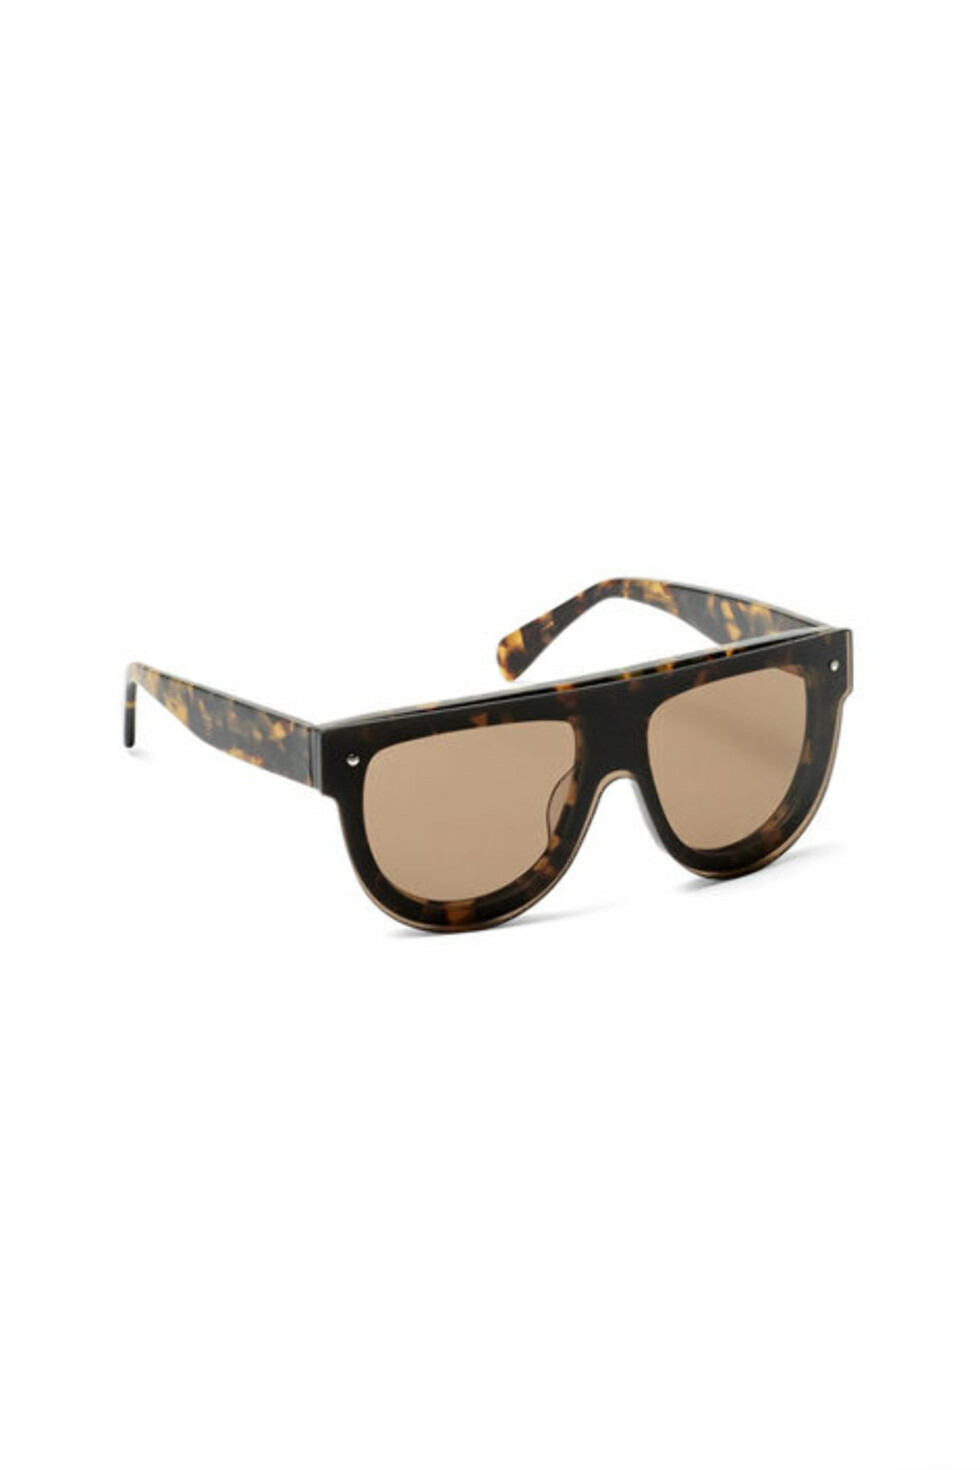 Solbriller fra Ganni | kr 1699 | http://www.ganni.com/new-arrivals/evie-sunglasses/A1076.html?dwvar_A1076_color=Tortoise